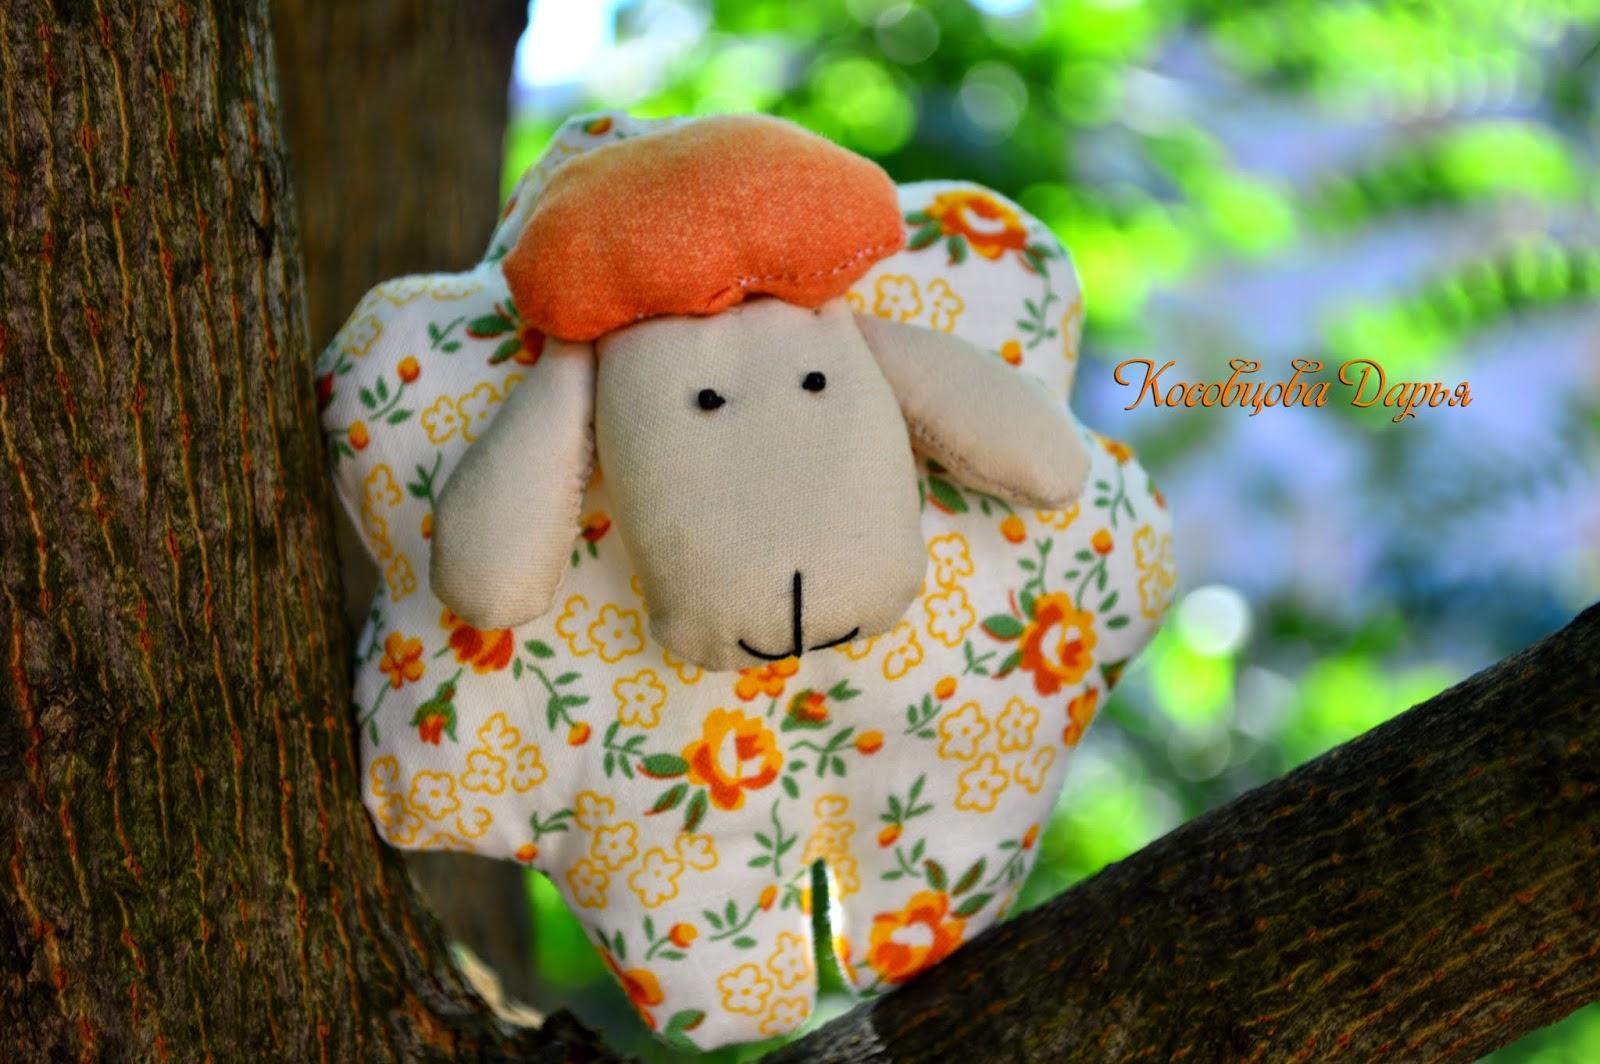 овечка, овцы, овечка игрушка, игрушки купить киев, ручная работа Киев, авторские игрушки,